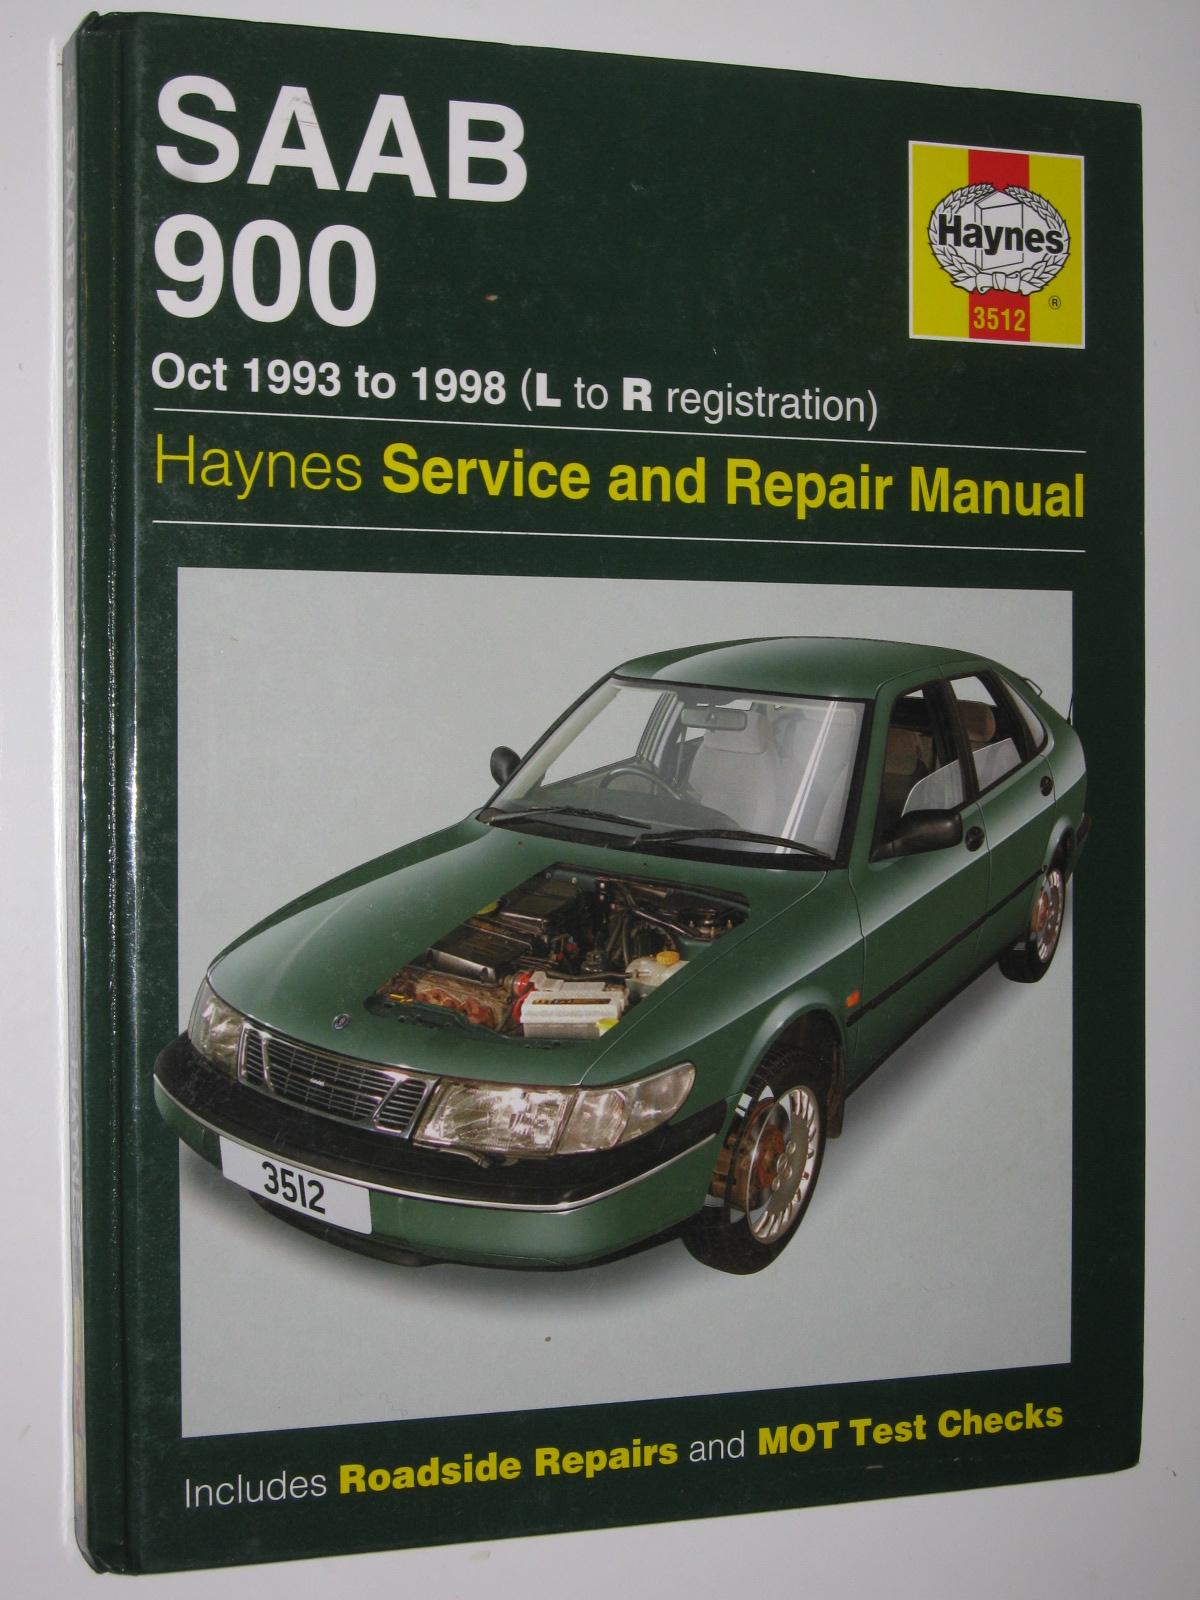 saab 900 service repair manual by drayton spencer legg abebooks rh abebooks com 1999 Saab 900 Turbo Saab 900 Turbo